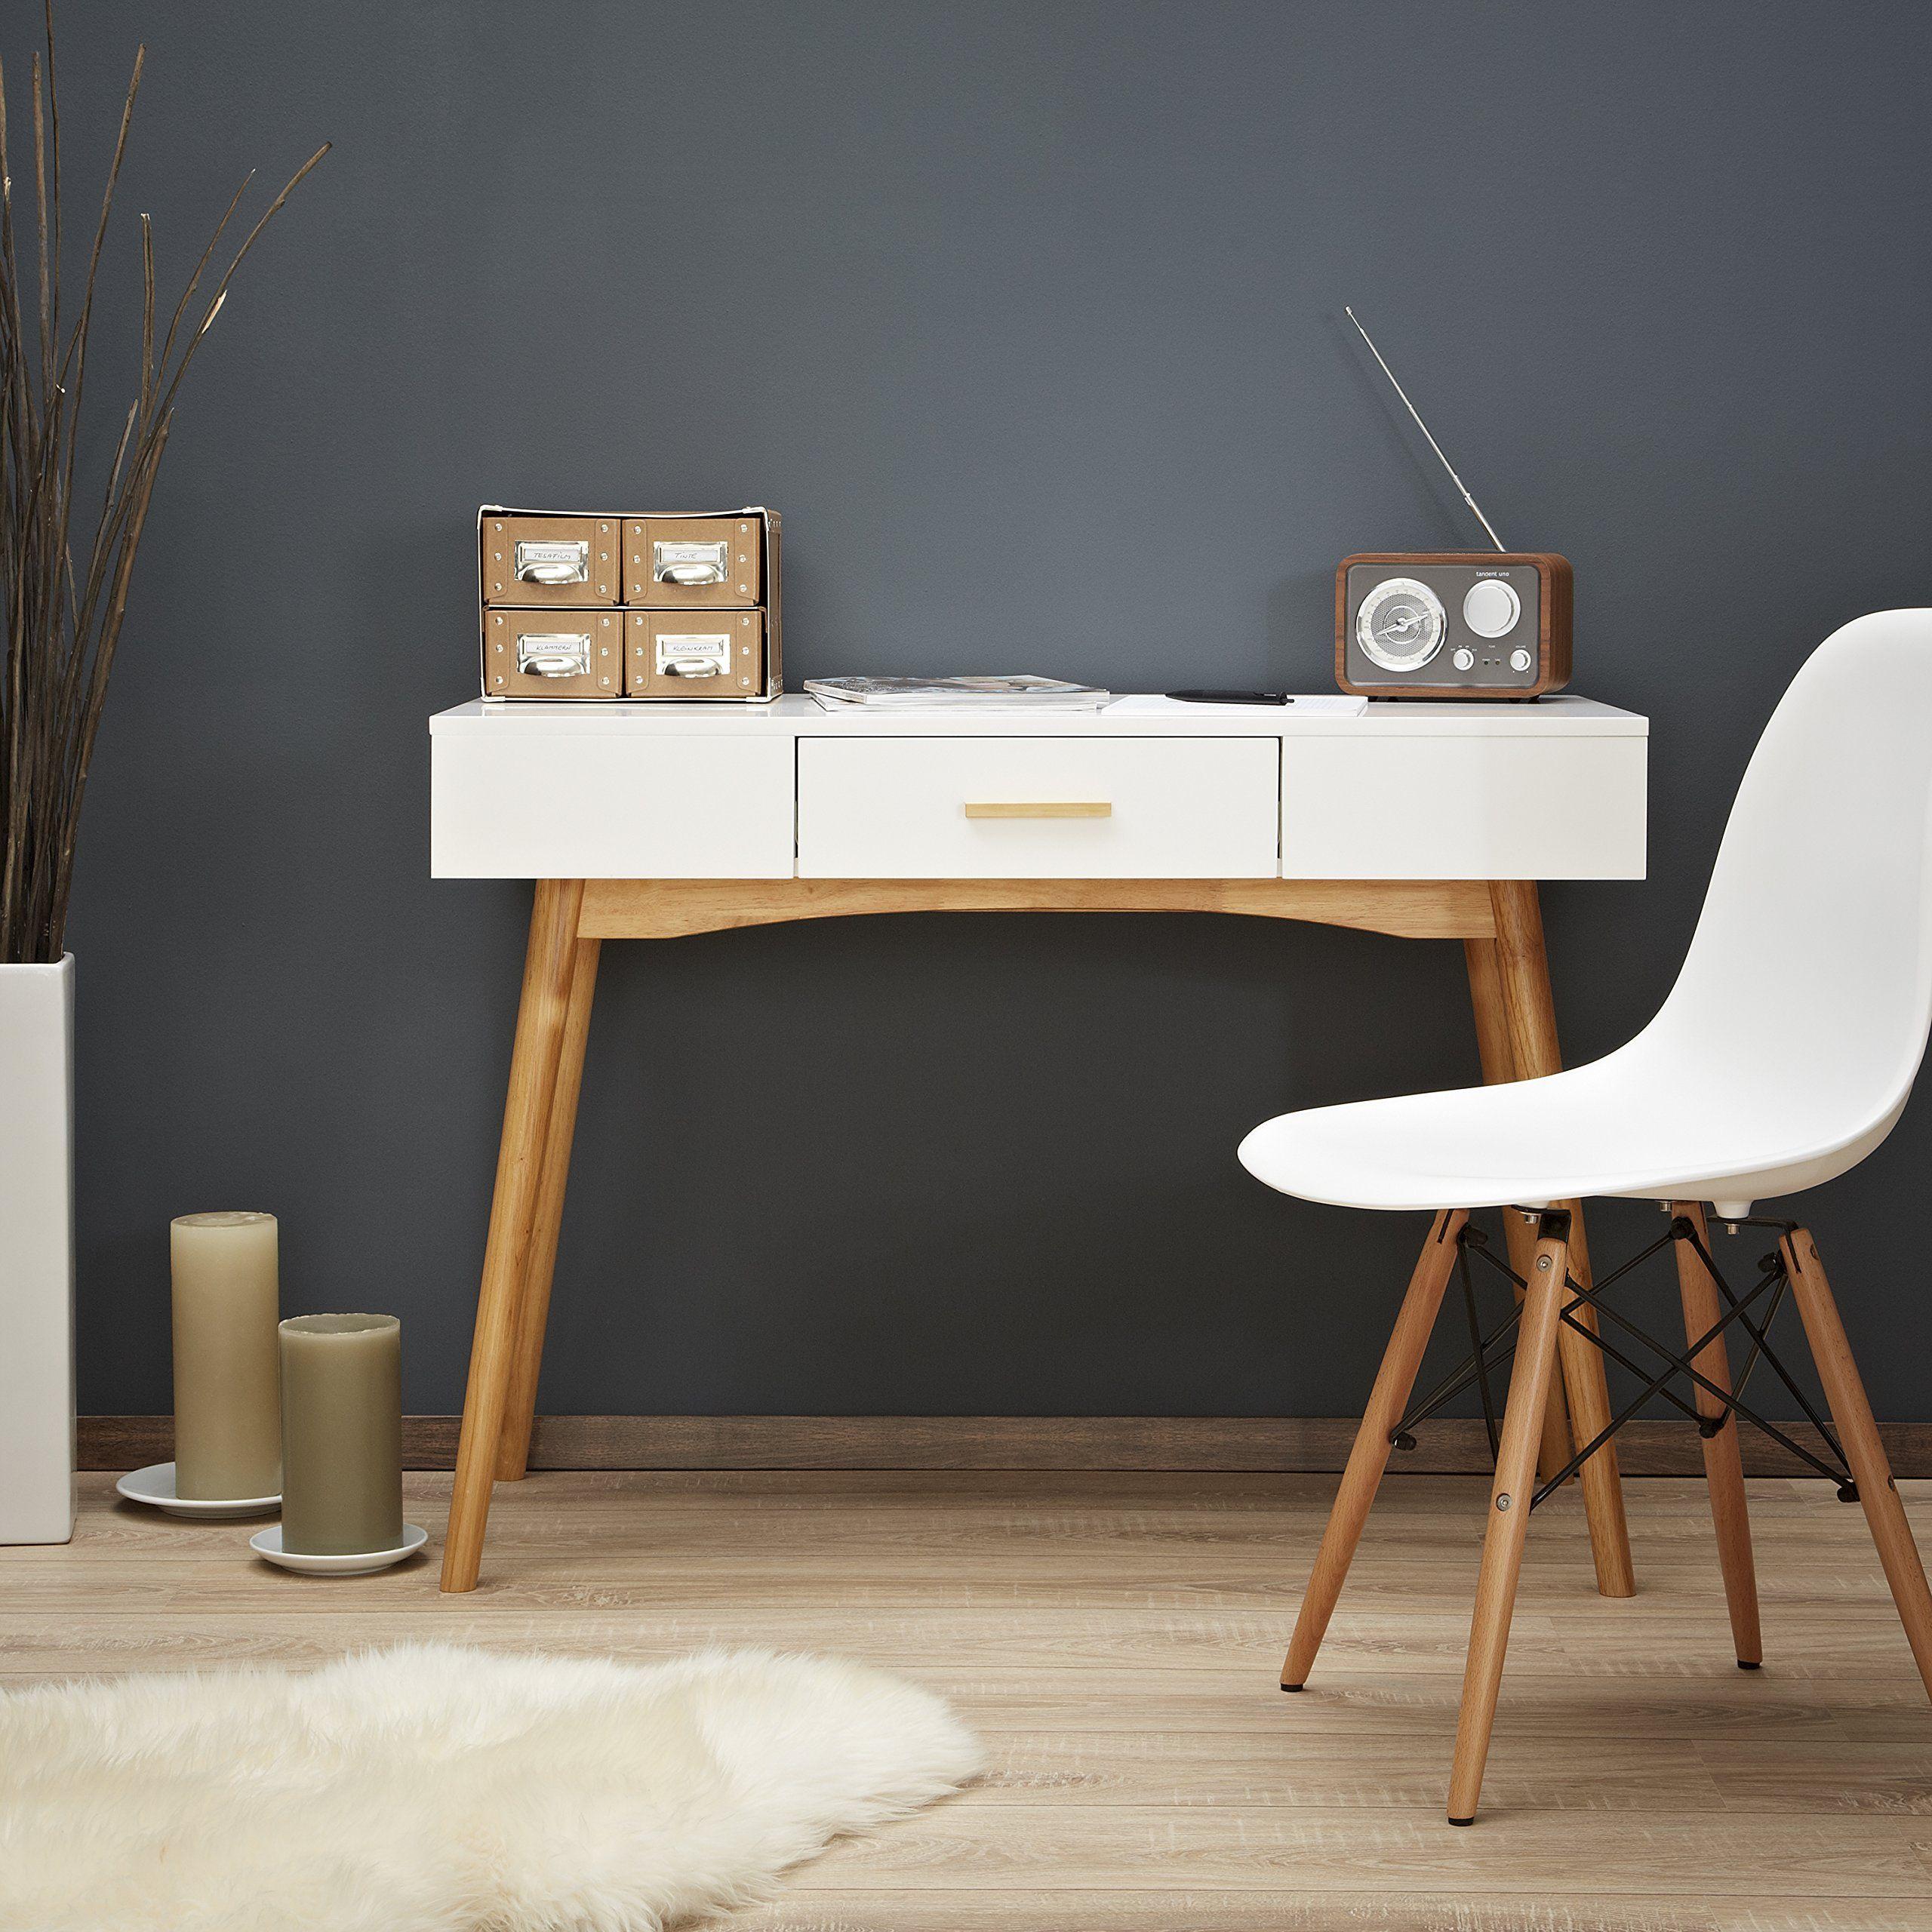 Bureau Retro Design.Lomos No 11 Scandinavian Retro Design Bureau Made Of Wood